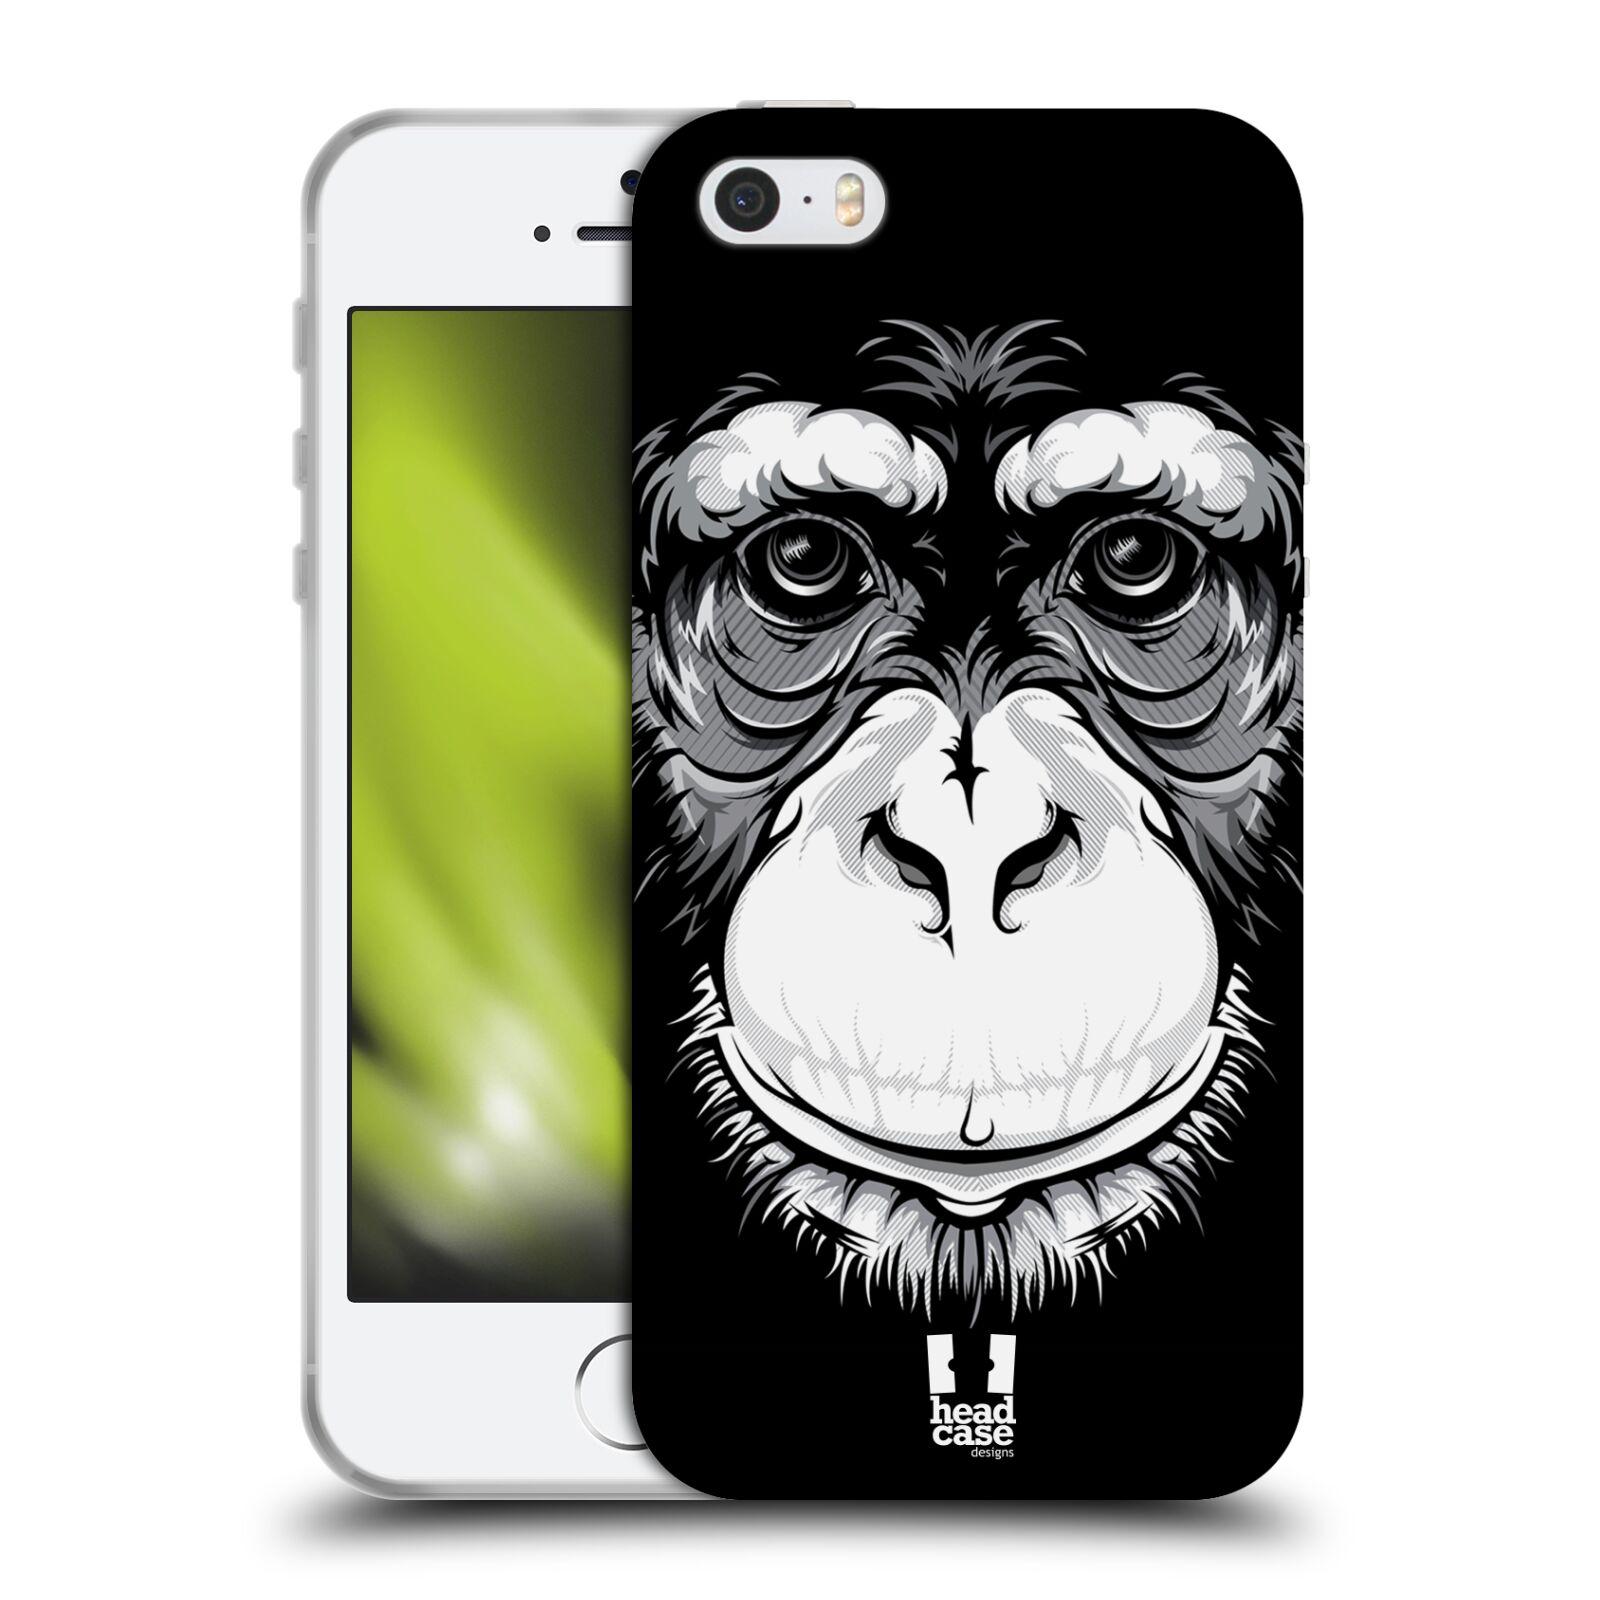 HEAD CASE silikonový obal na mobil Apple Iphone 5/5S vzor Zvíře kreslená tvář šimpanz